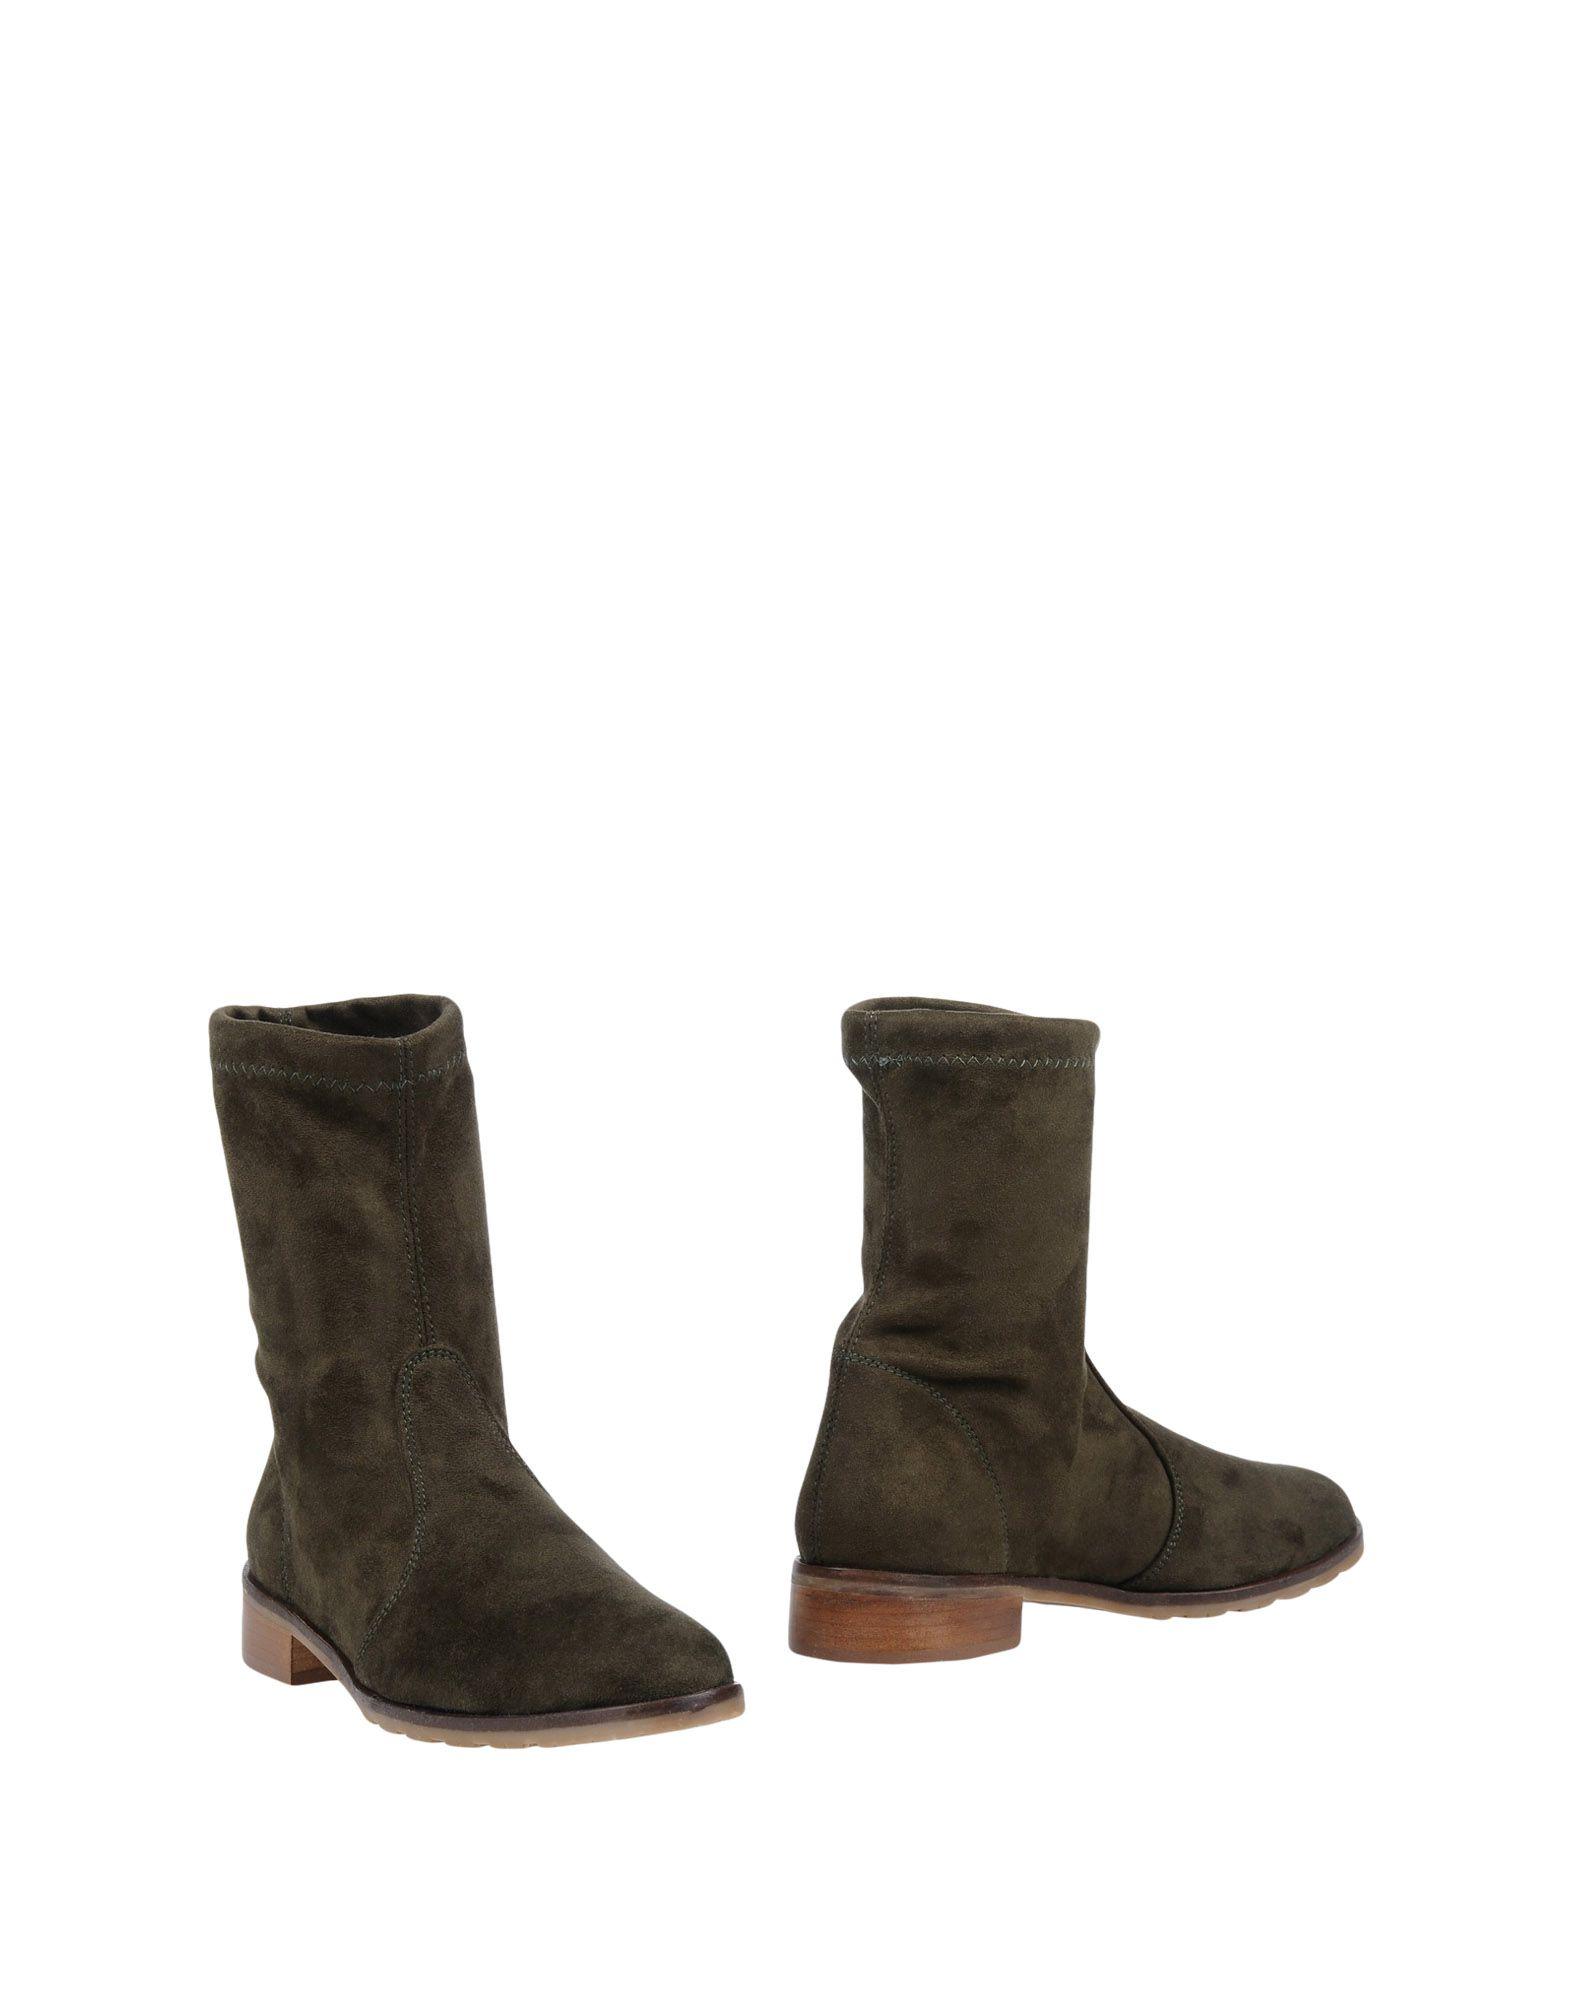 Nr Rapisardi Stiefelette Damen  11419364BH 11419364BH  Gute Qualität beliebte Schuhe df2d54